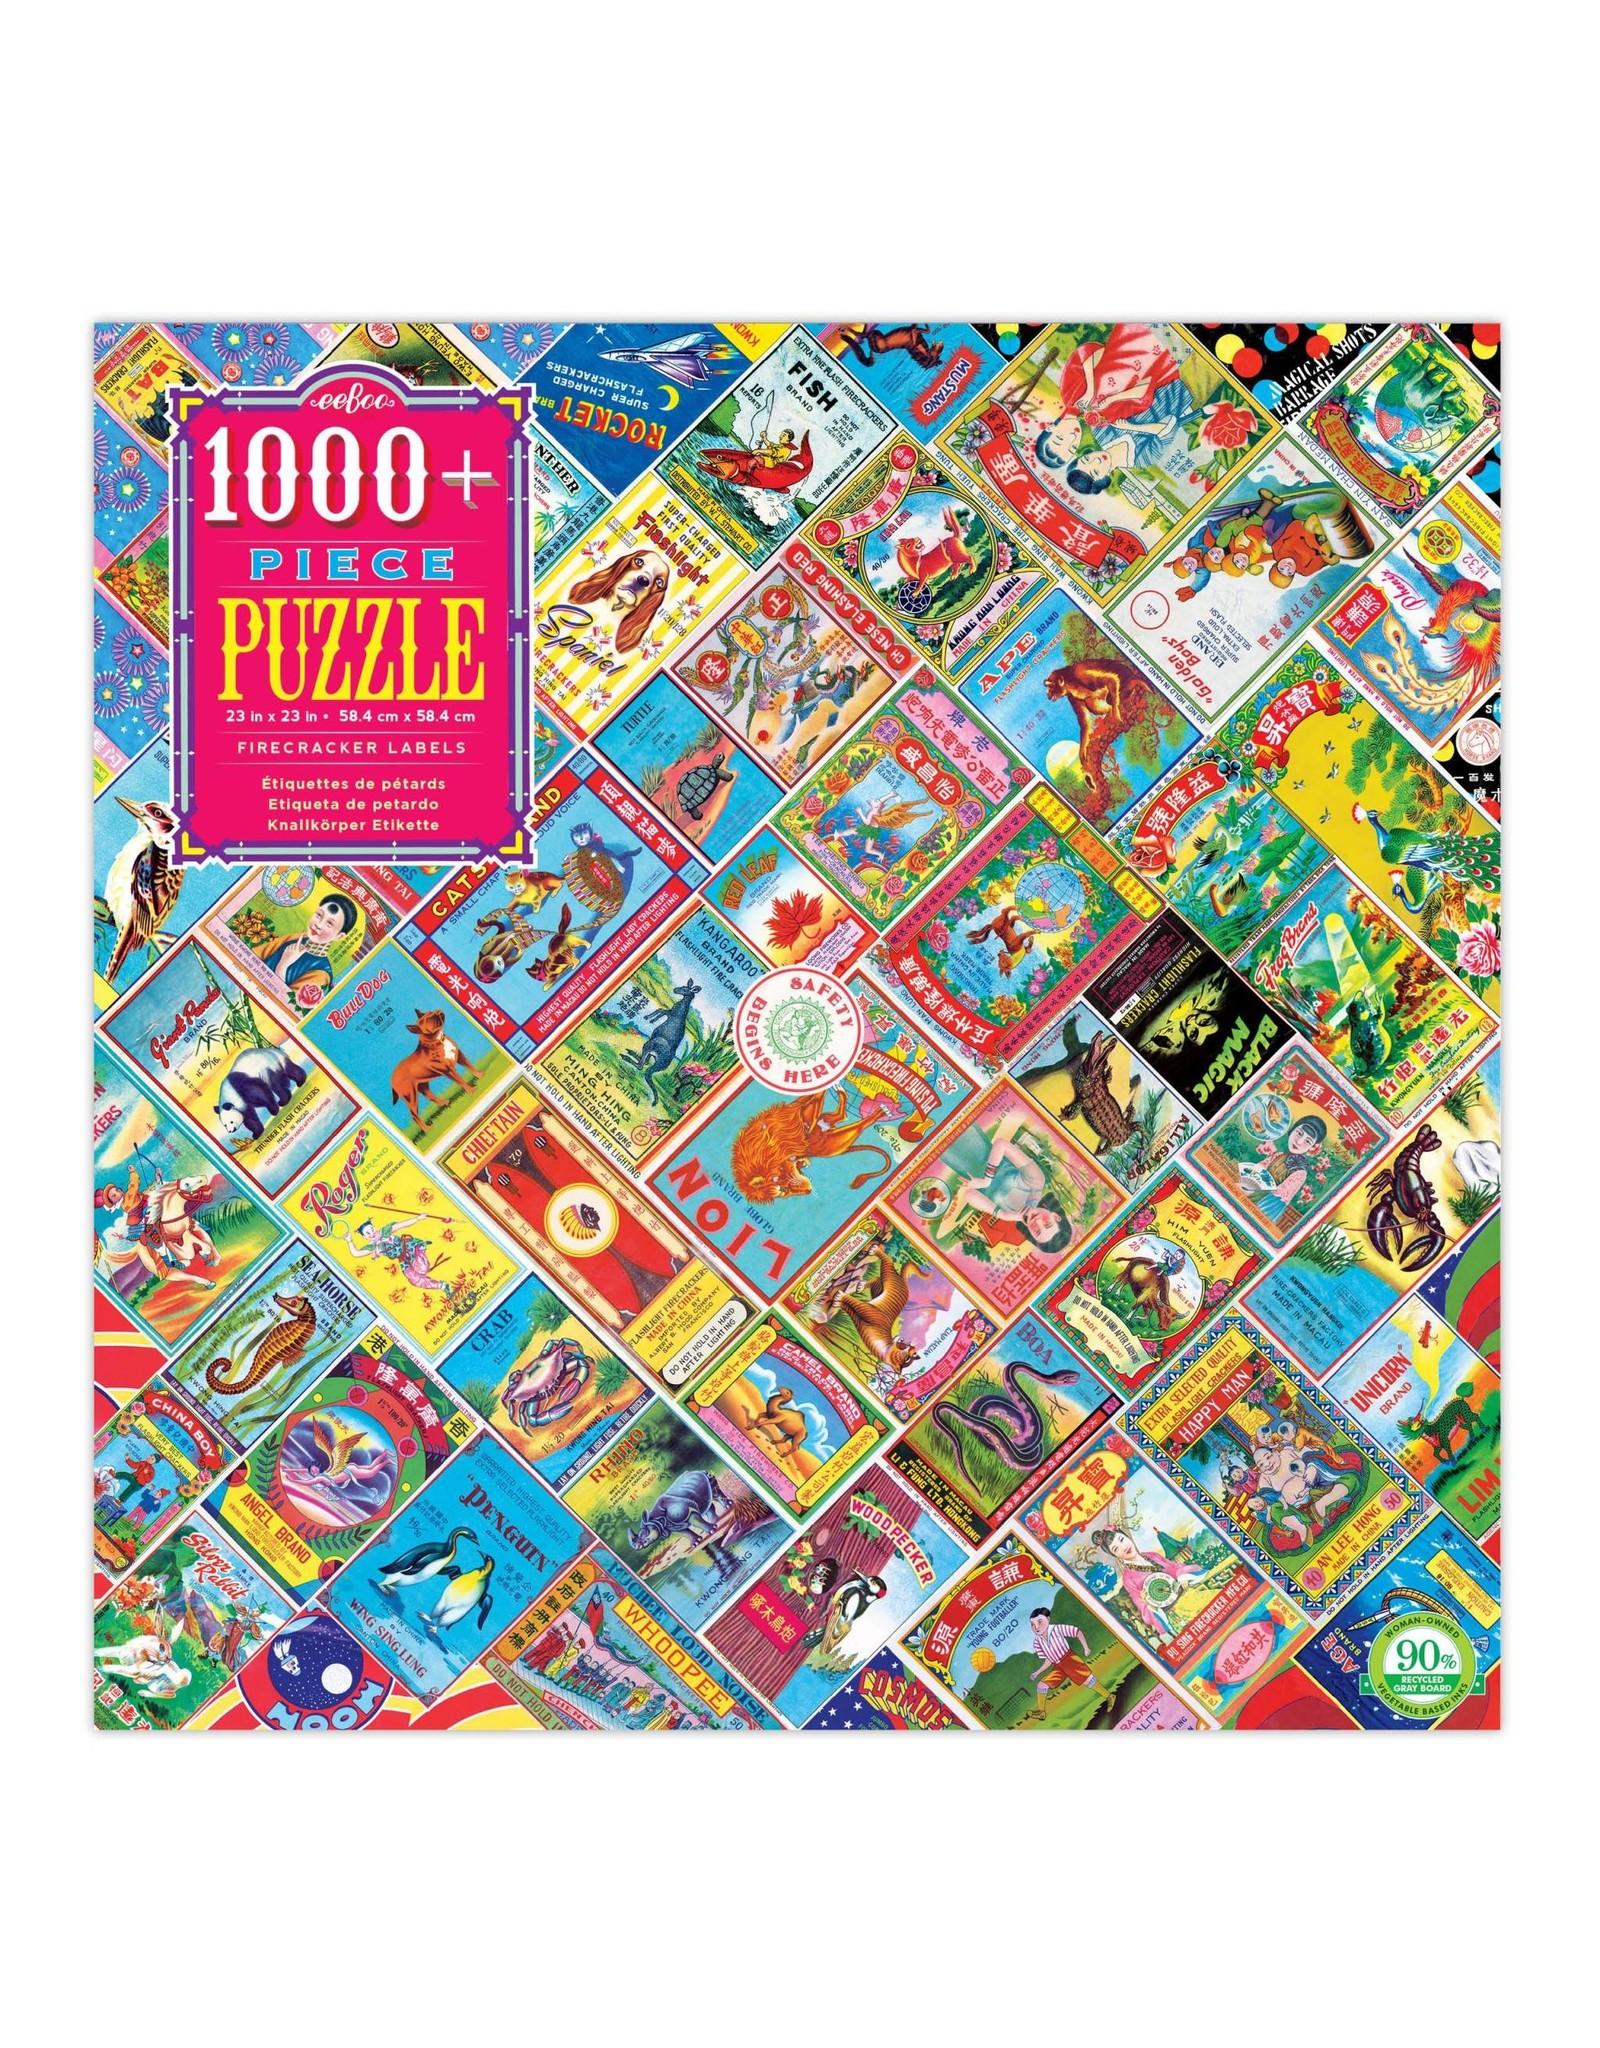 Eeboo 1000 pcs. Firecracker Labels Puzzle